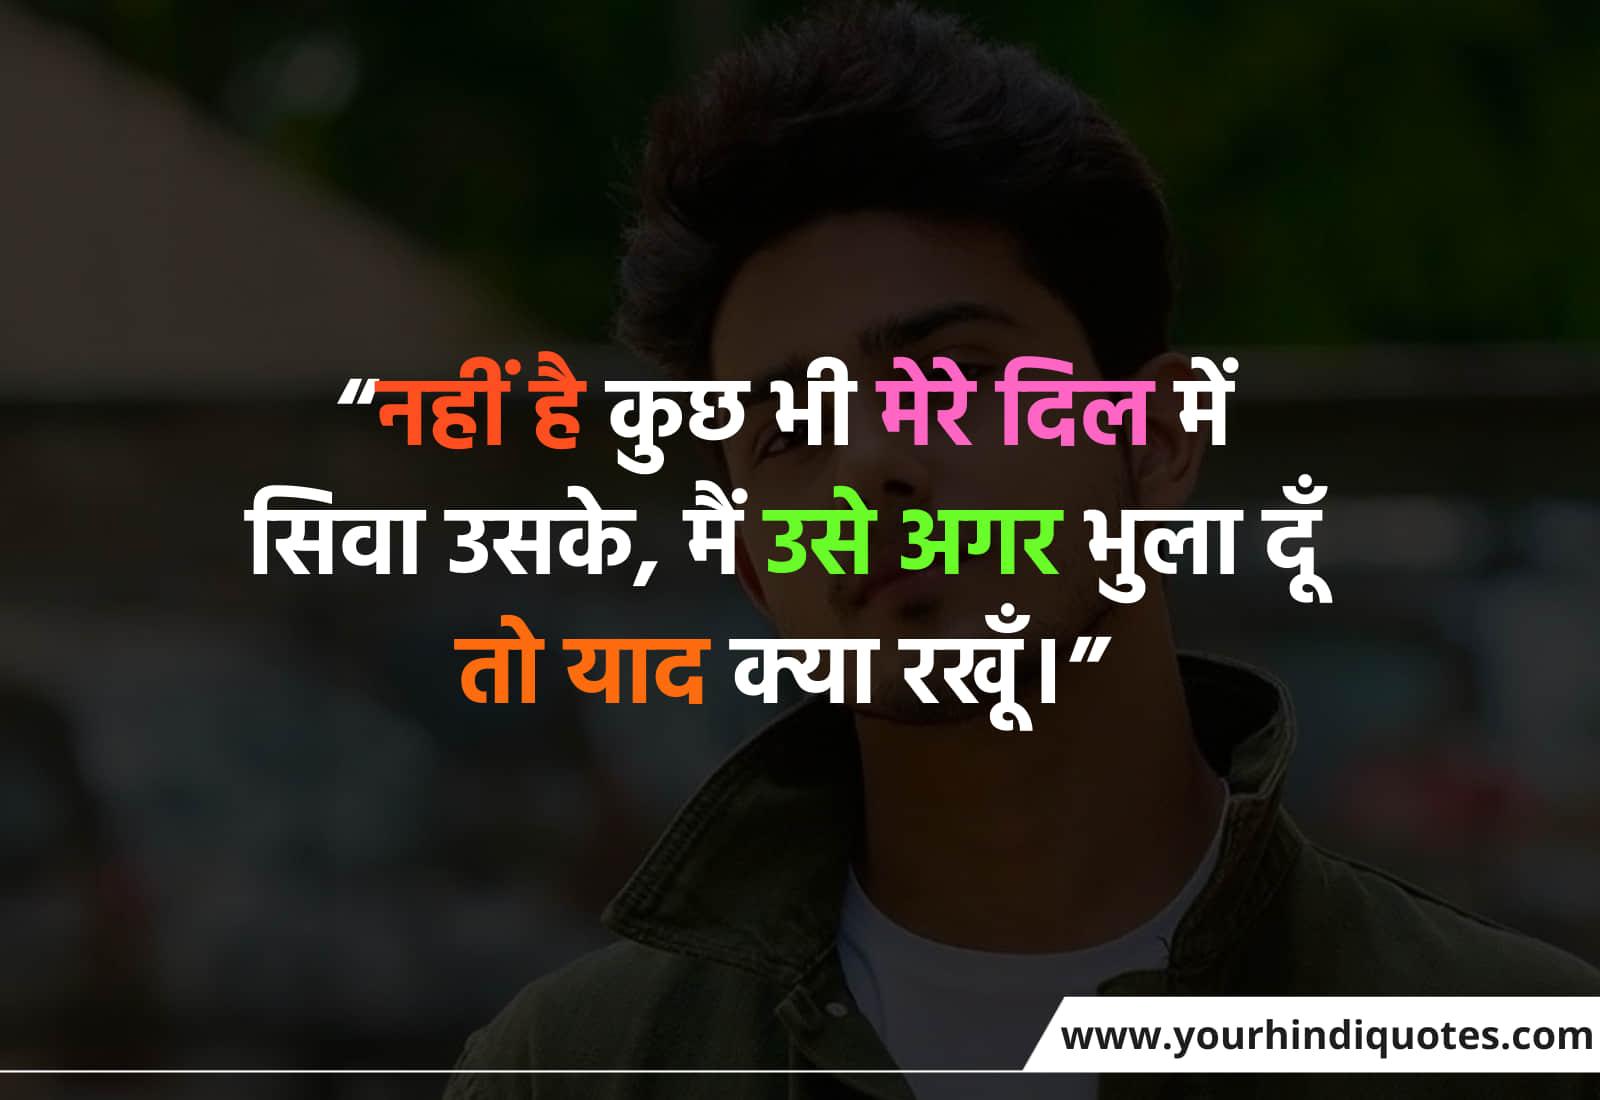 Hindi Yaad Wali Shayari